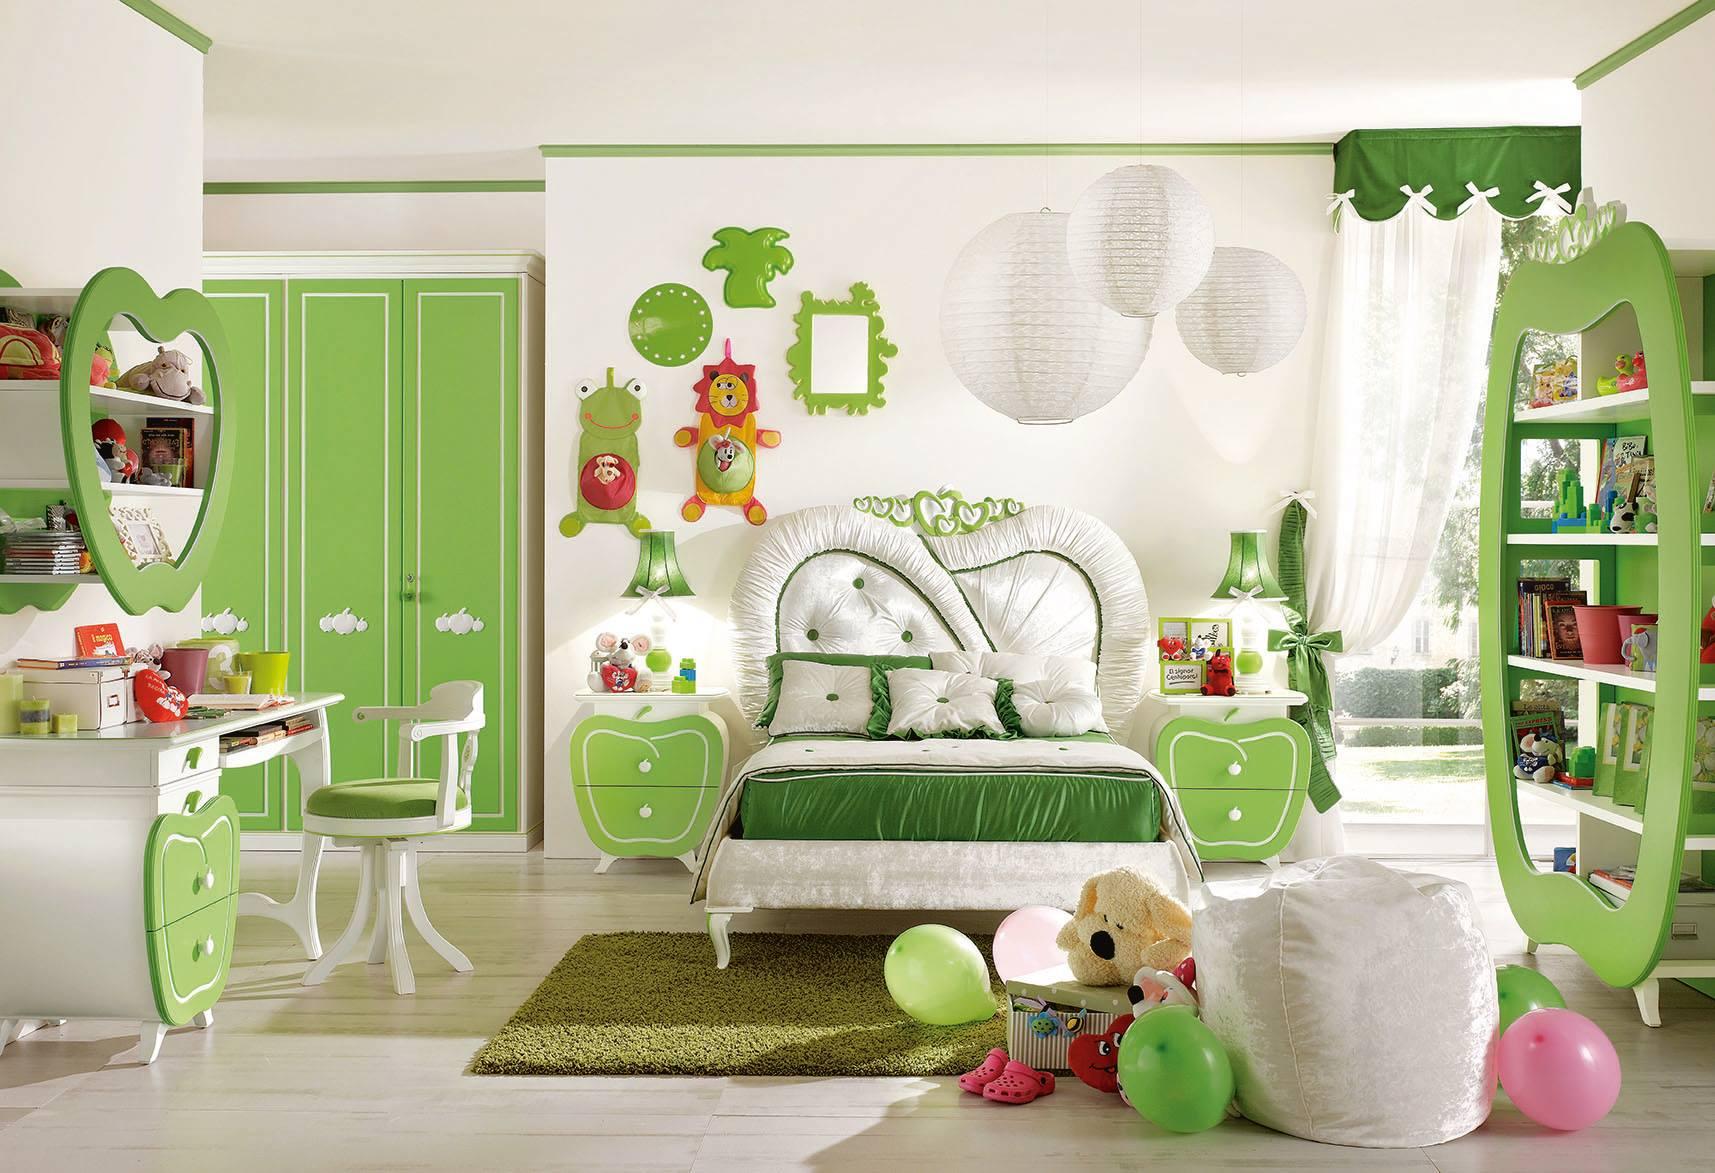 Pareti divisorie per camere da letto - Arredamenti per camere da letto ...